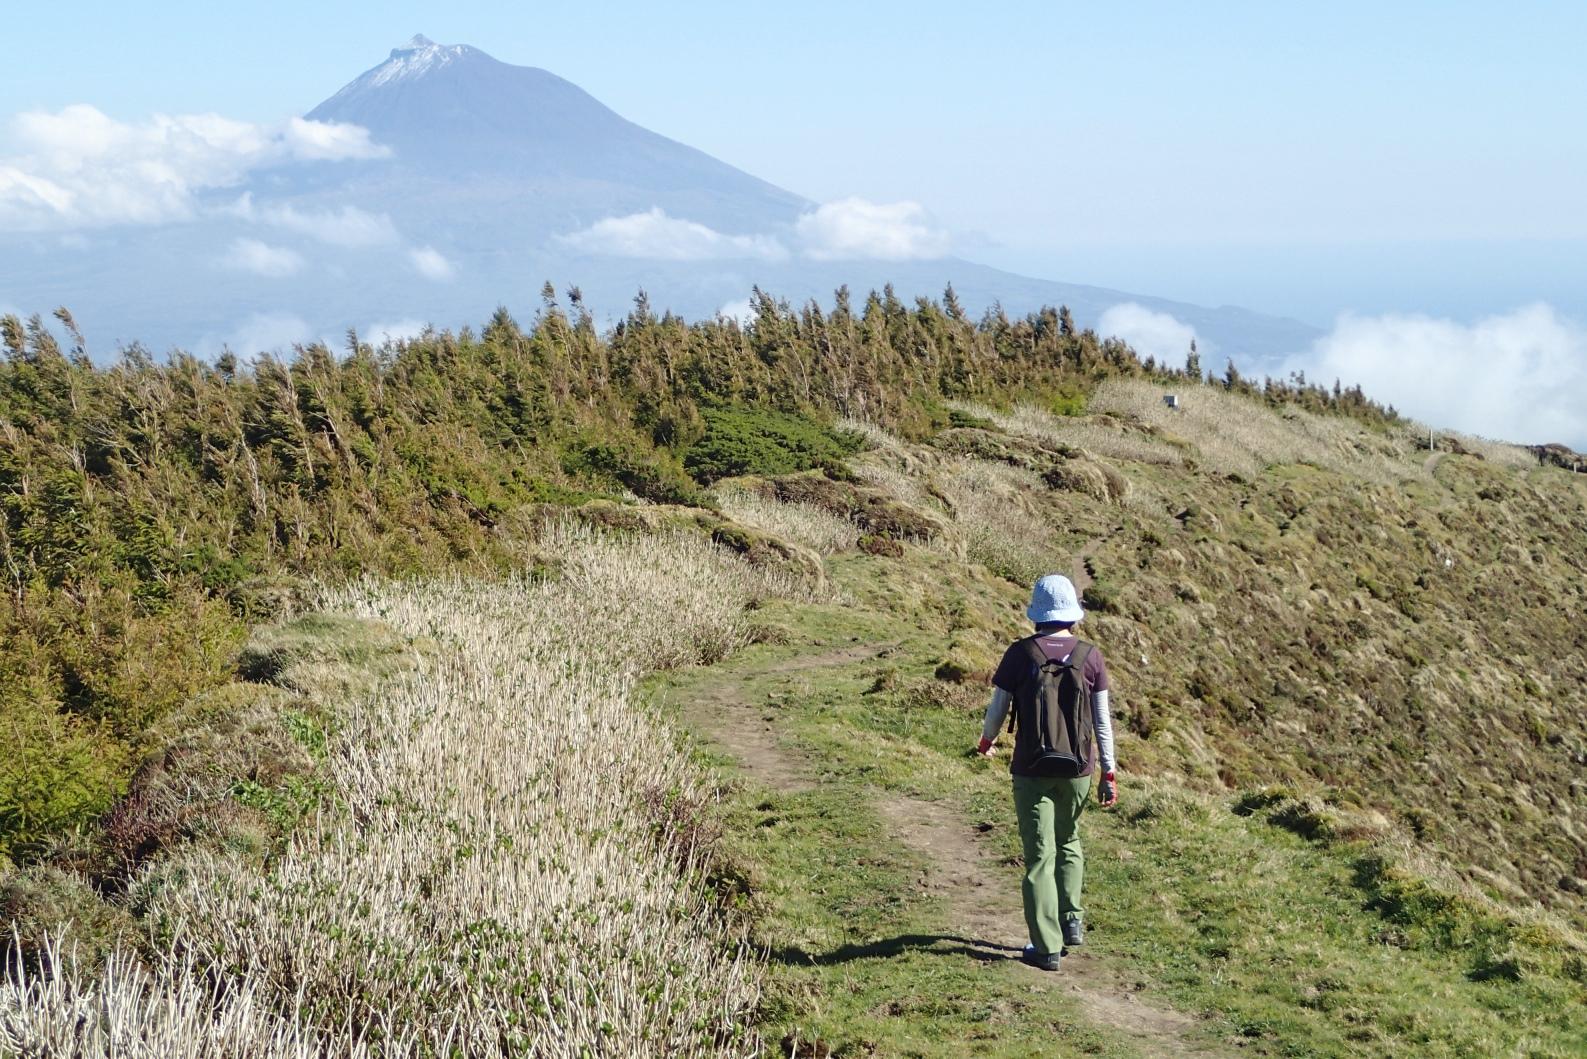 ファイアル島のハイキング、正面にポルトガル最高峰のピコ山を望む(5日目)